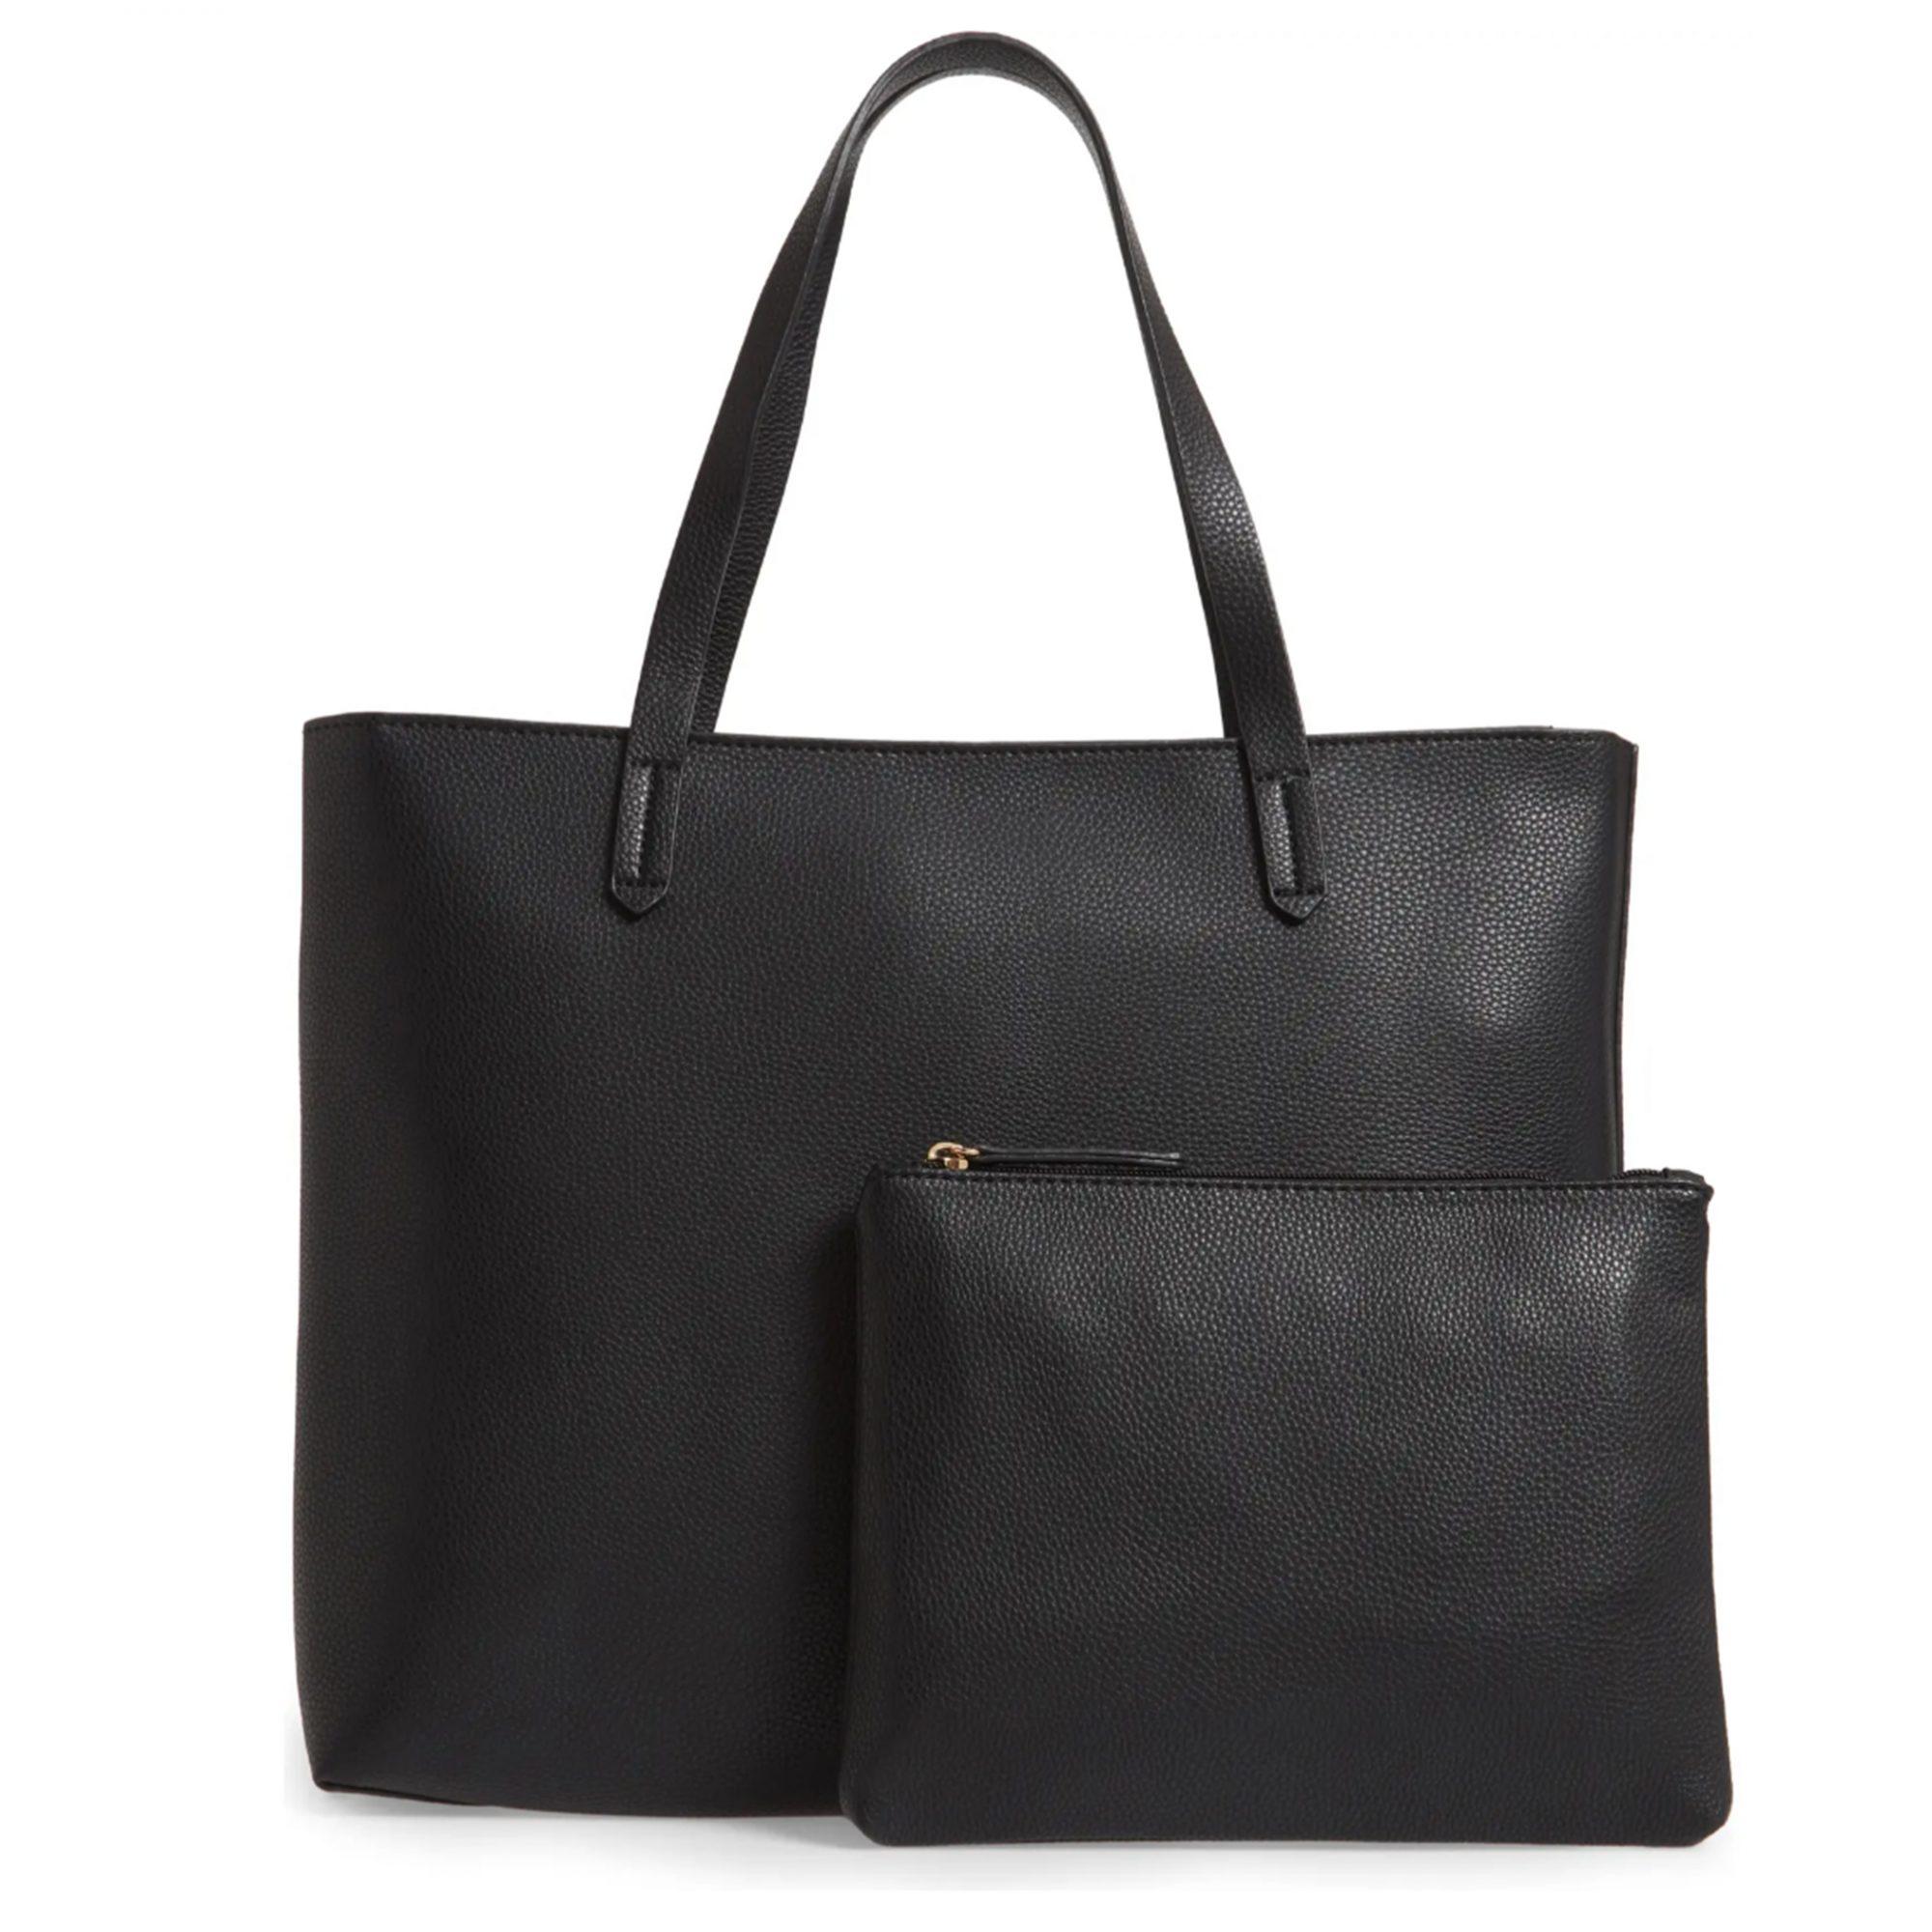 nordstrom-tote-bag, best-travel-bag